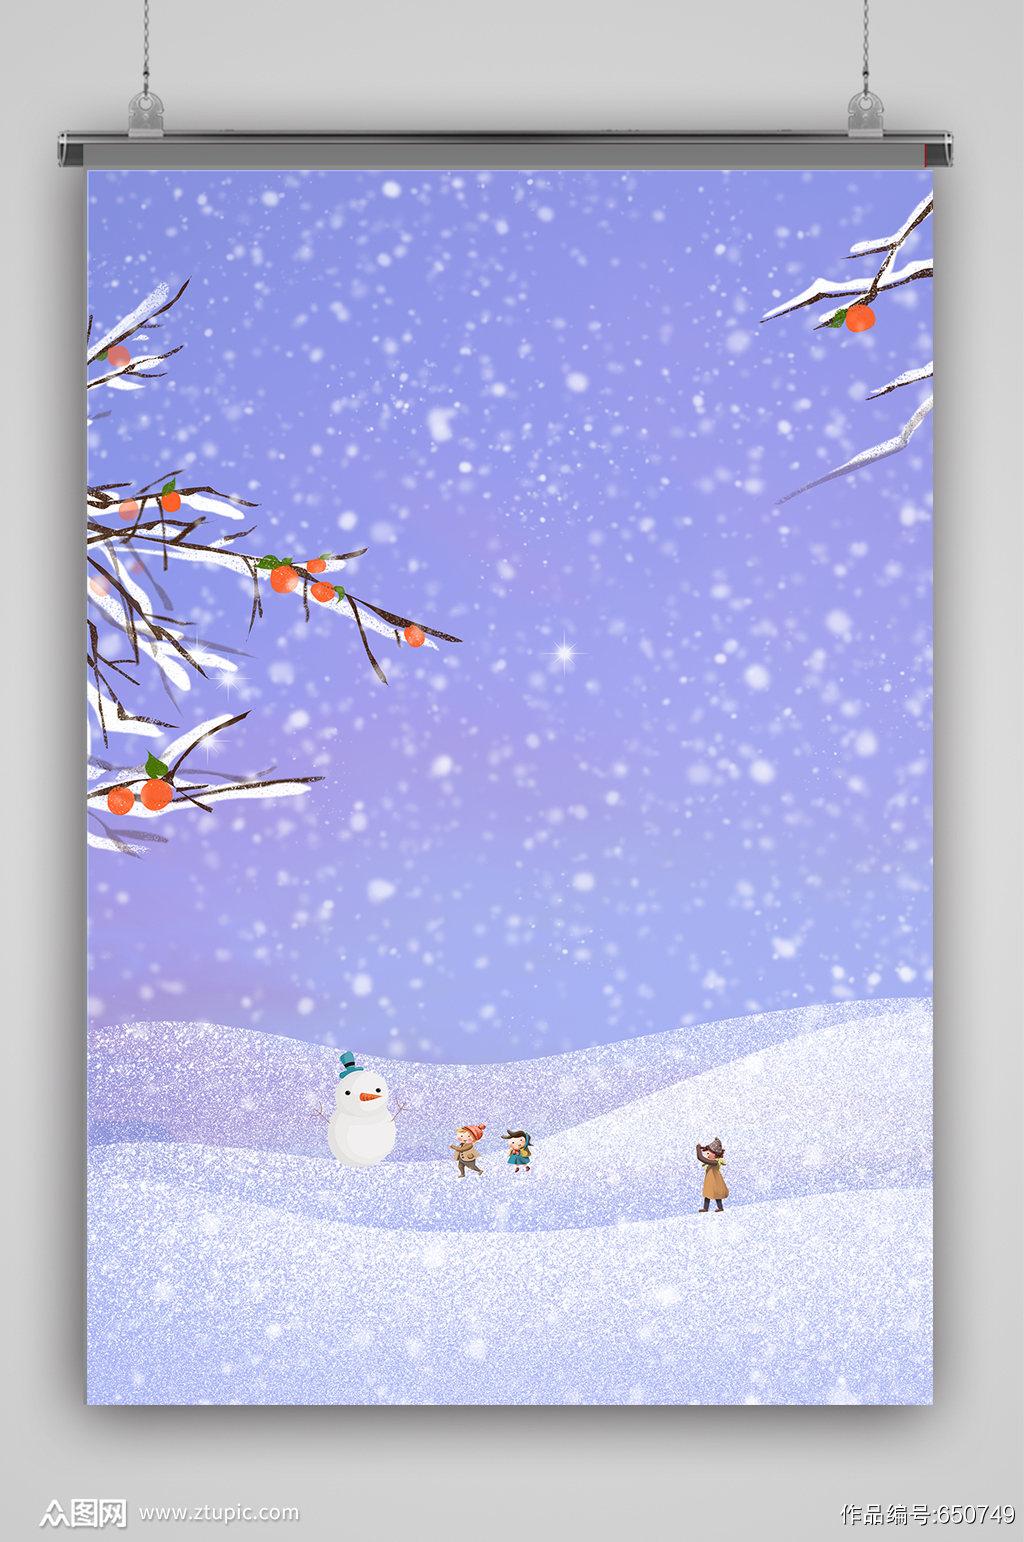 卡通圣诞节海报背景素材